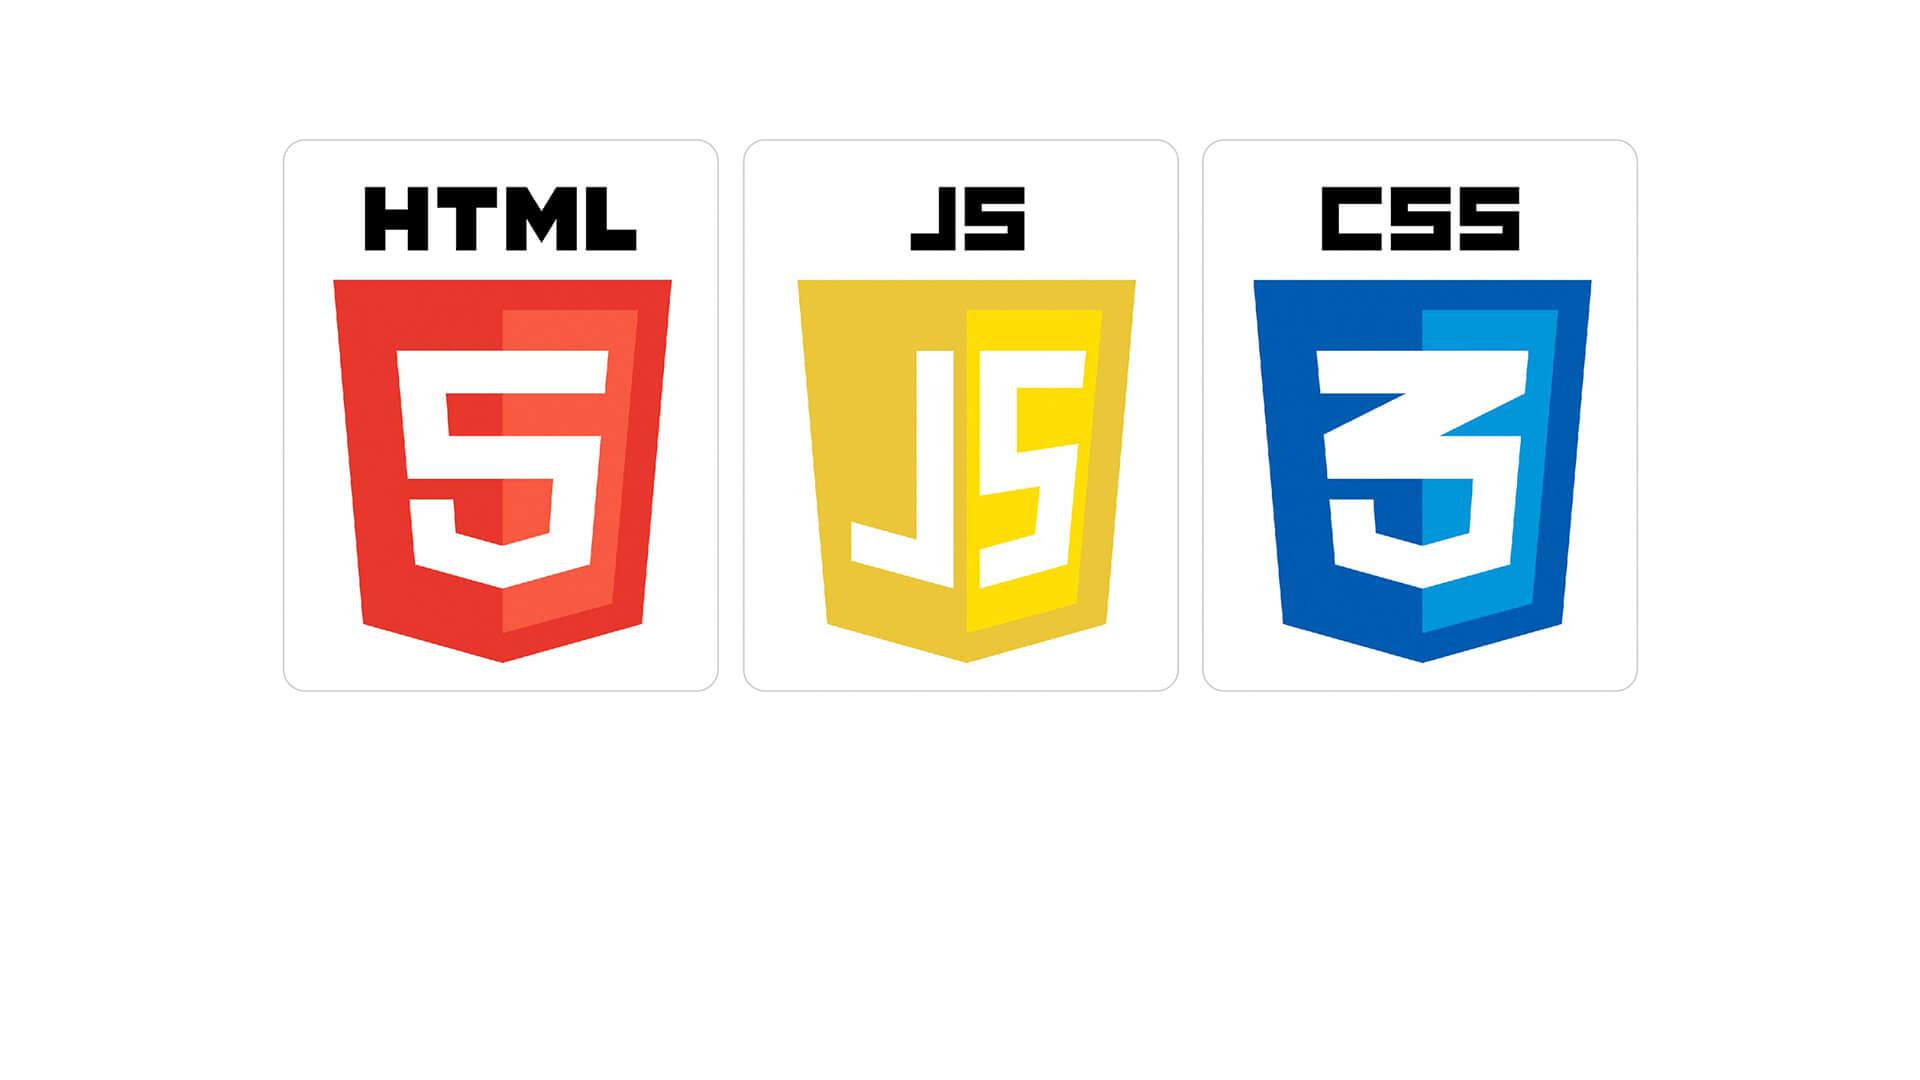 填坑:CSS之移动设备默认样式 / @media screen自适应 / 定义下级标签